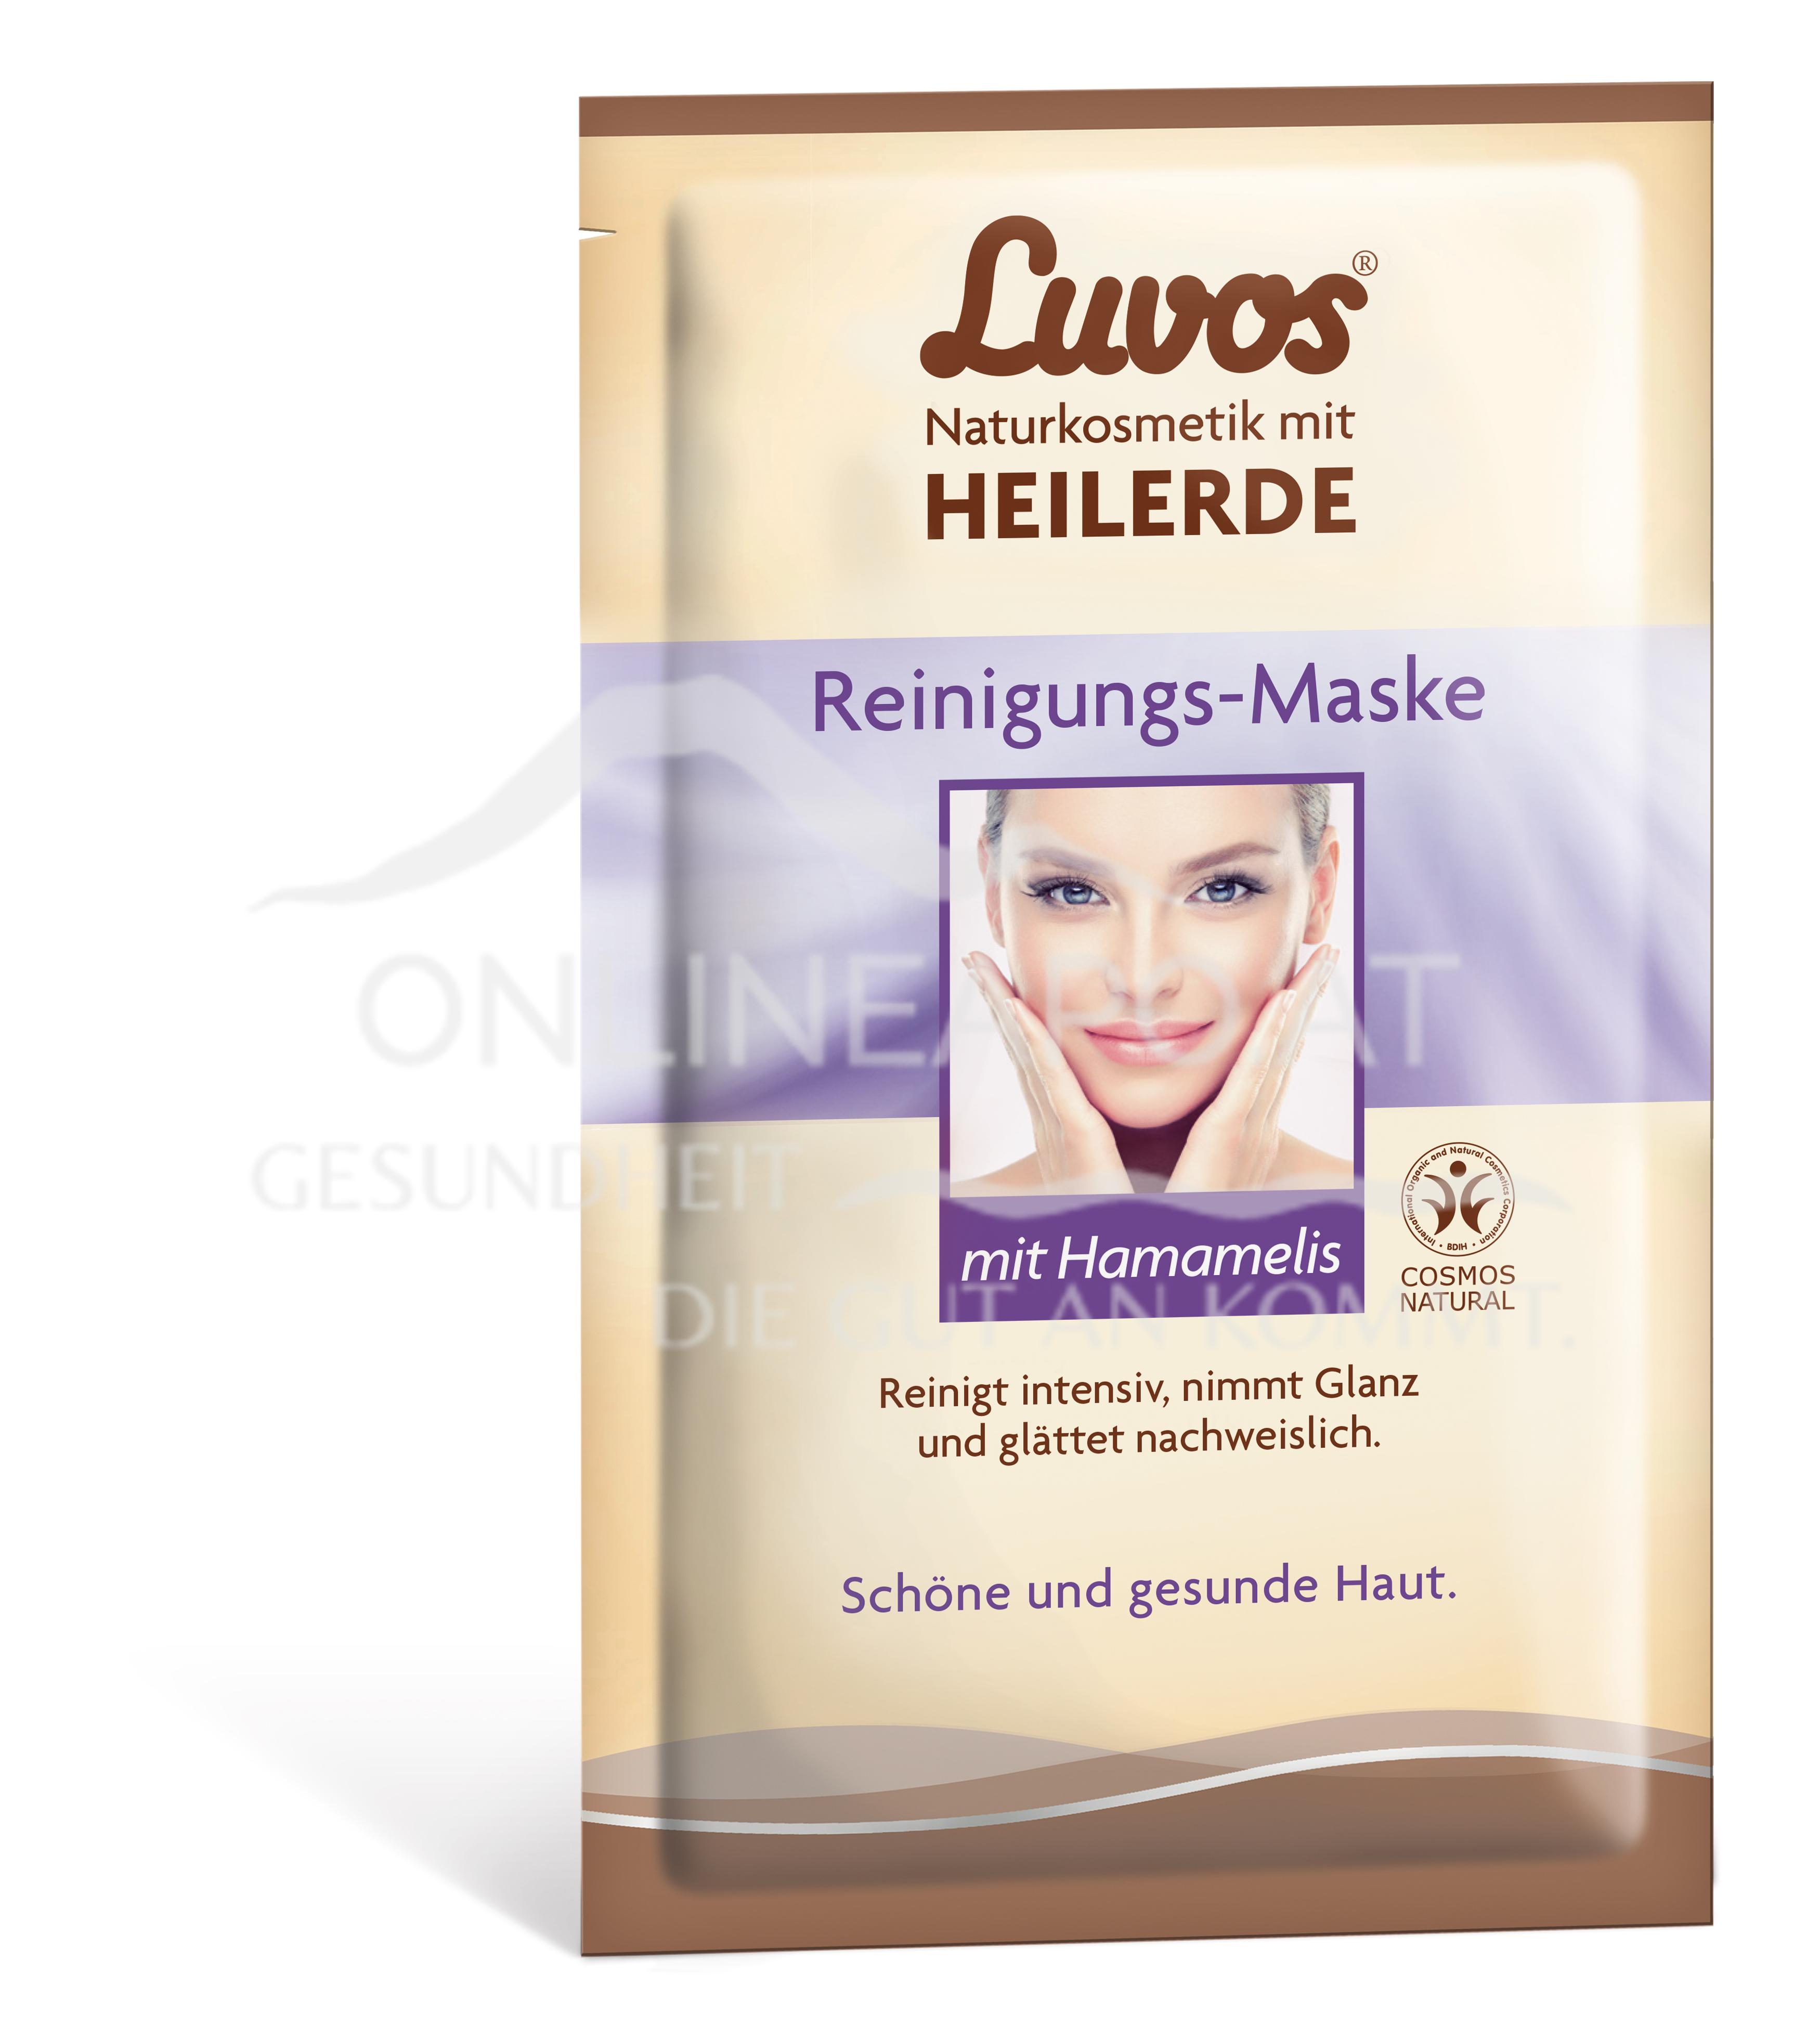 Luvos Heilerde Gesichtsmaske Reinigung